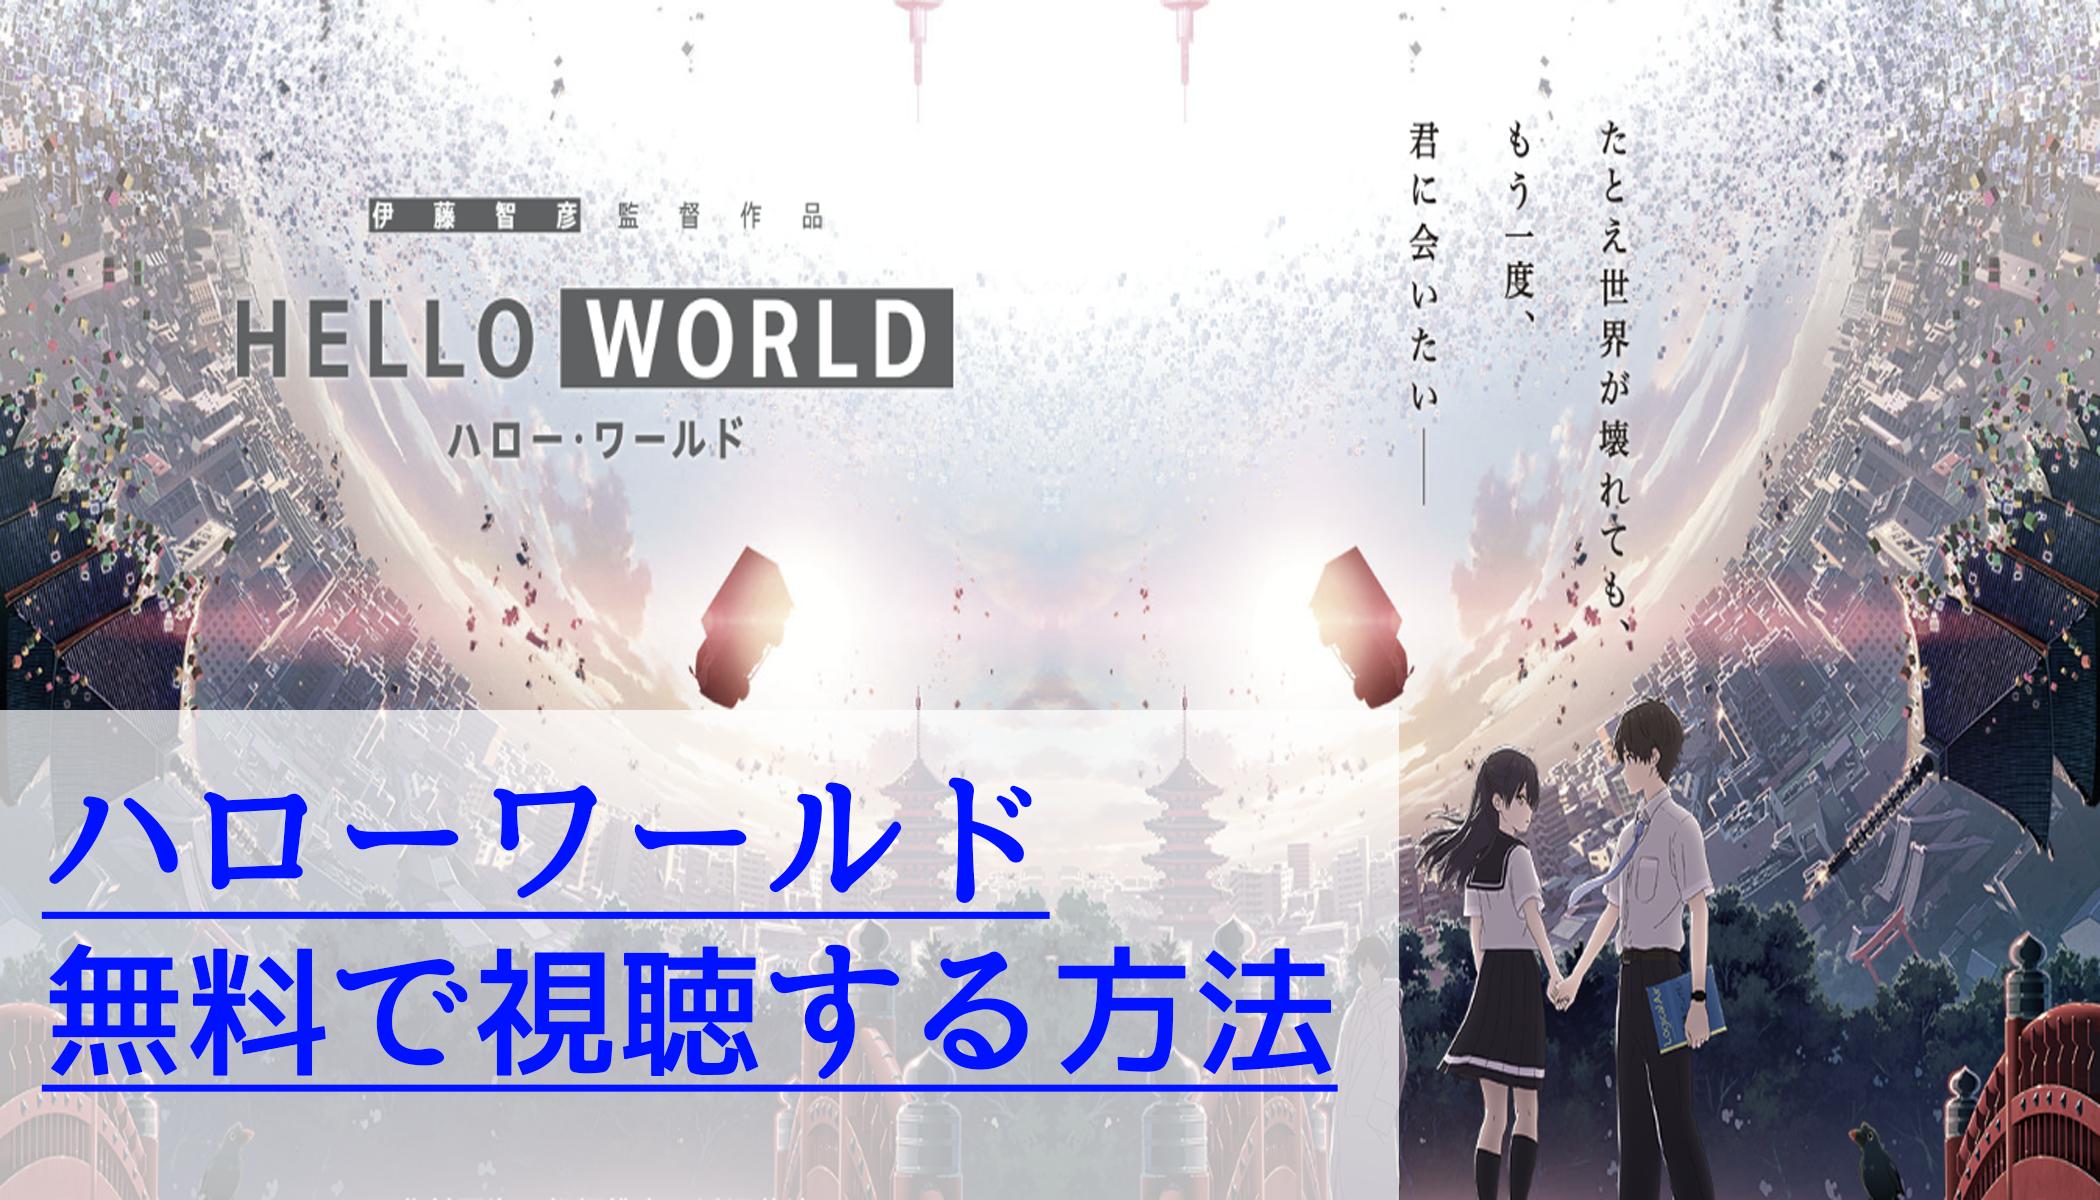 ハロー ワールド